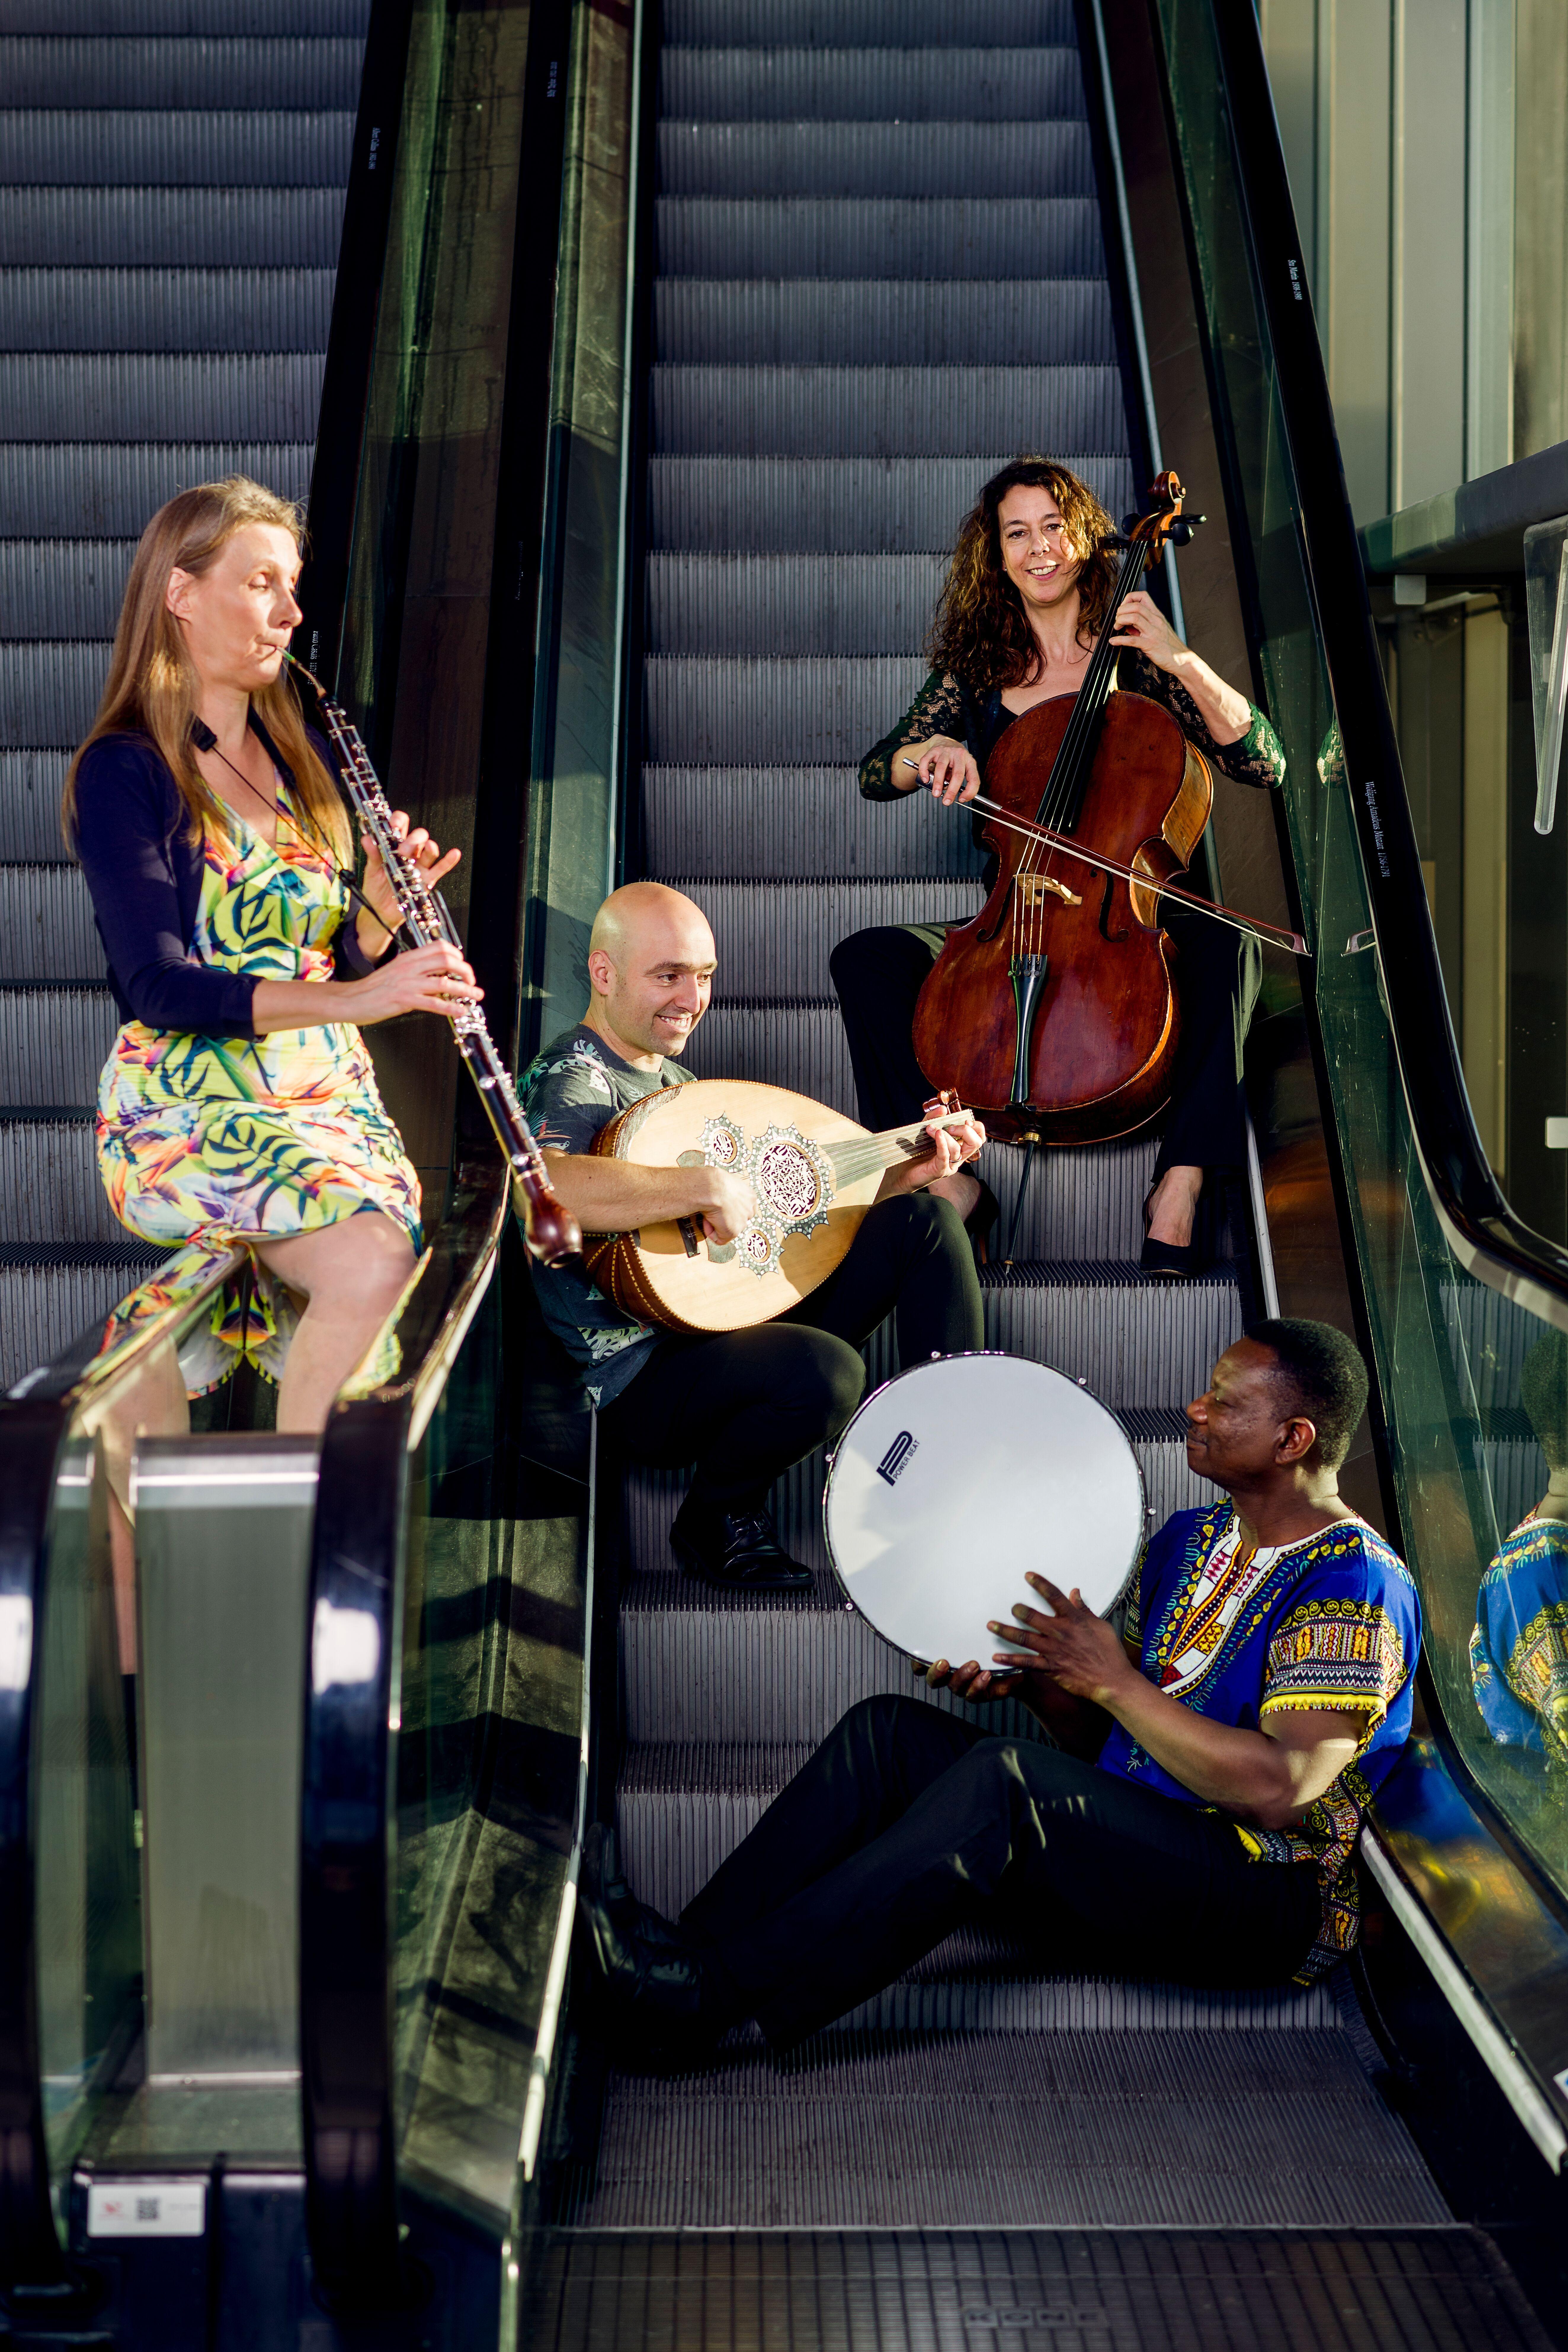 Concertpodium Soest heeft hele kluif aan coronaproof jubileumjaar: musici geven twee uitvoeringen op een middag vanwege 1,5 meter afstand